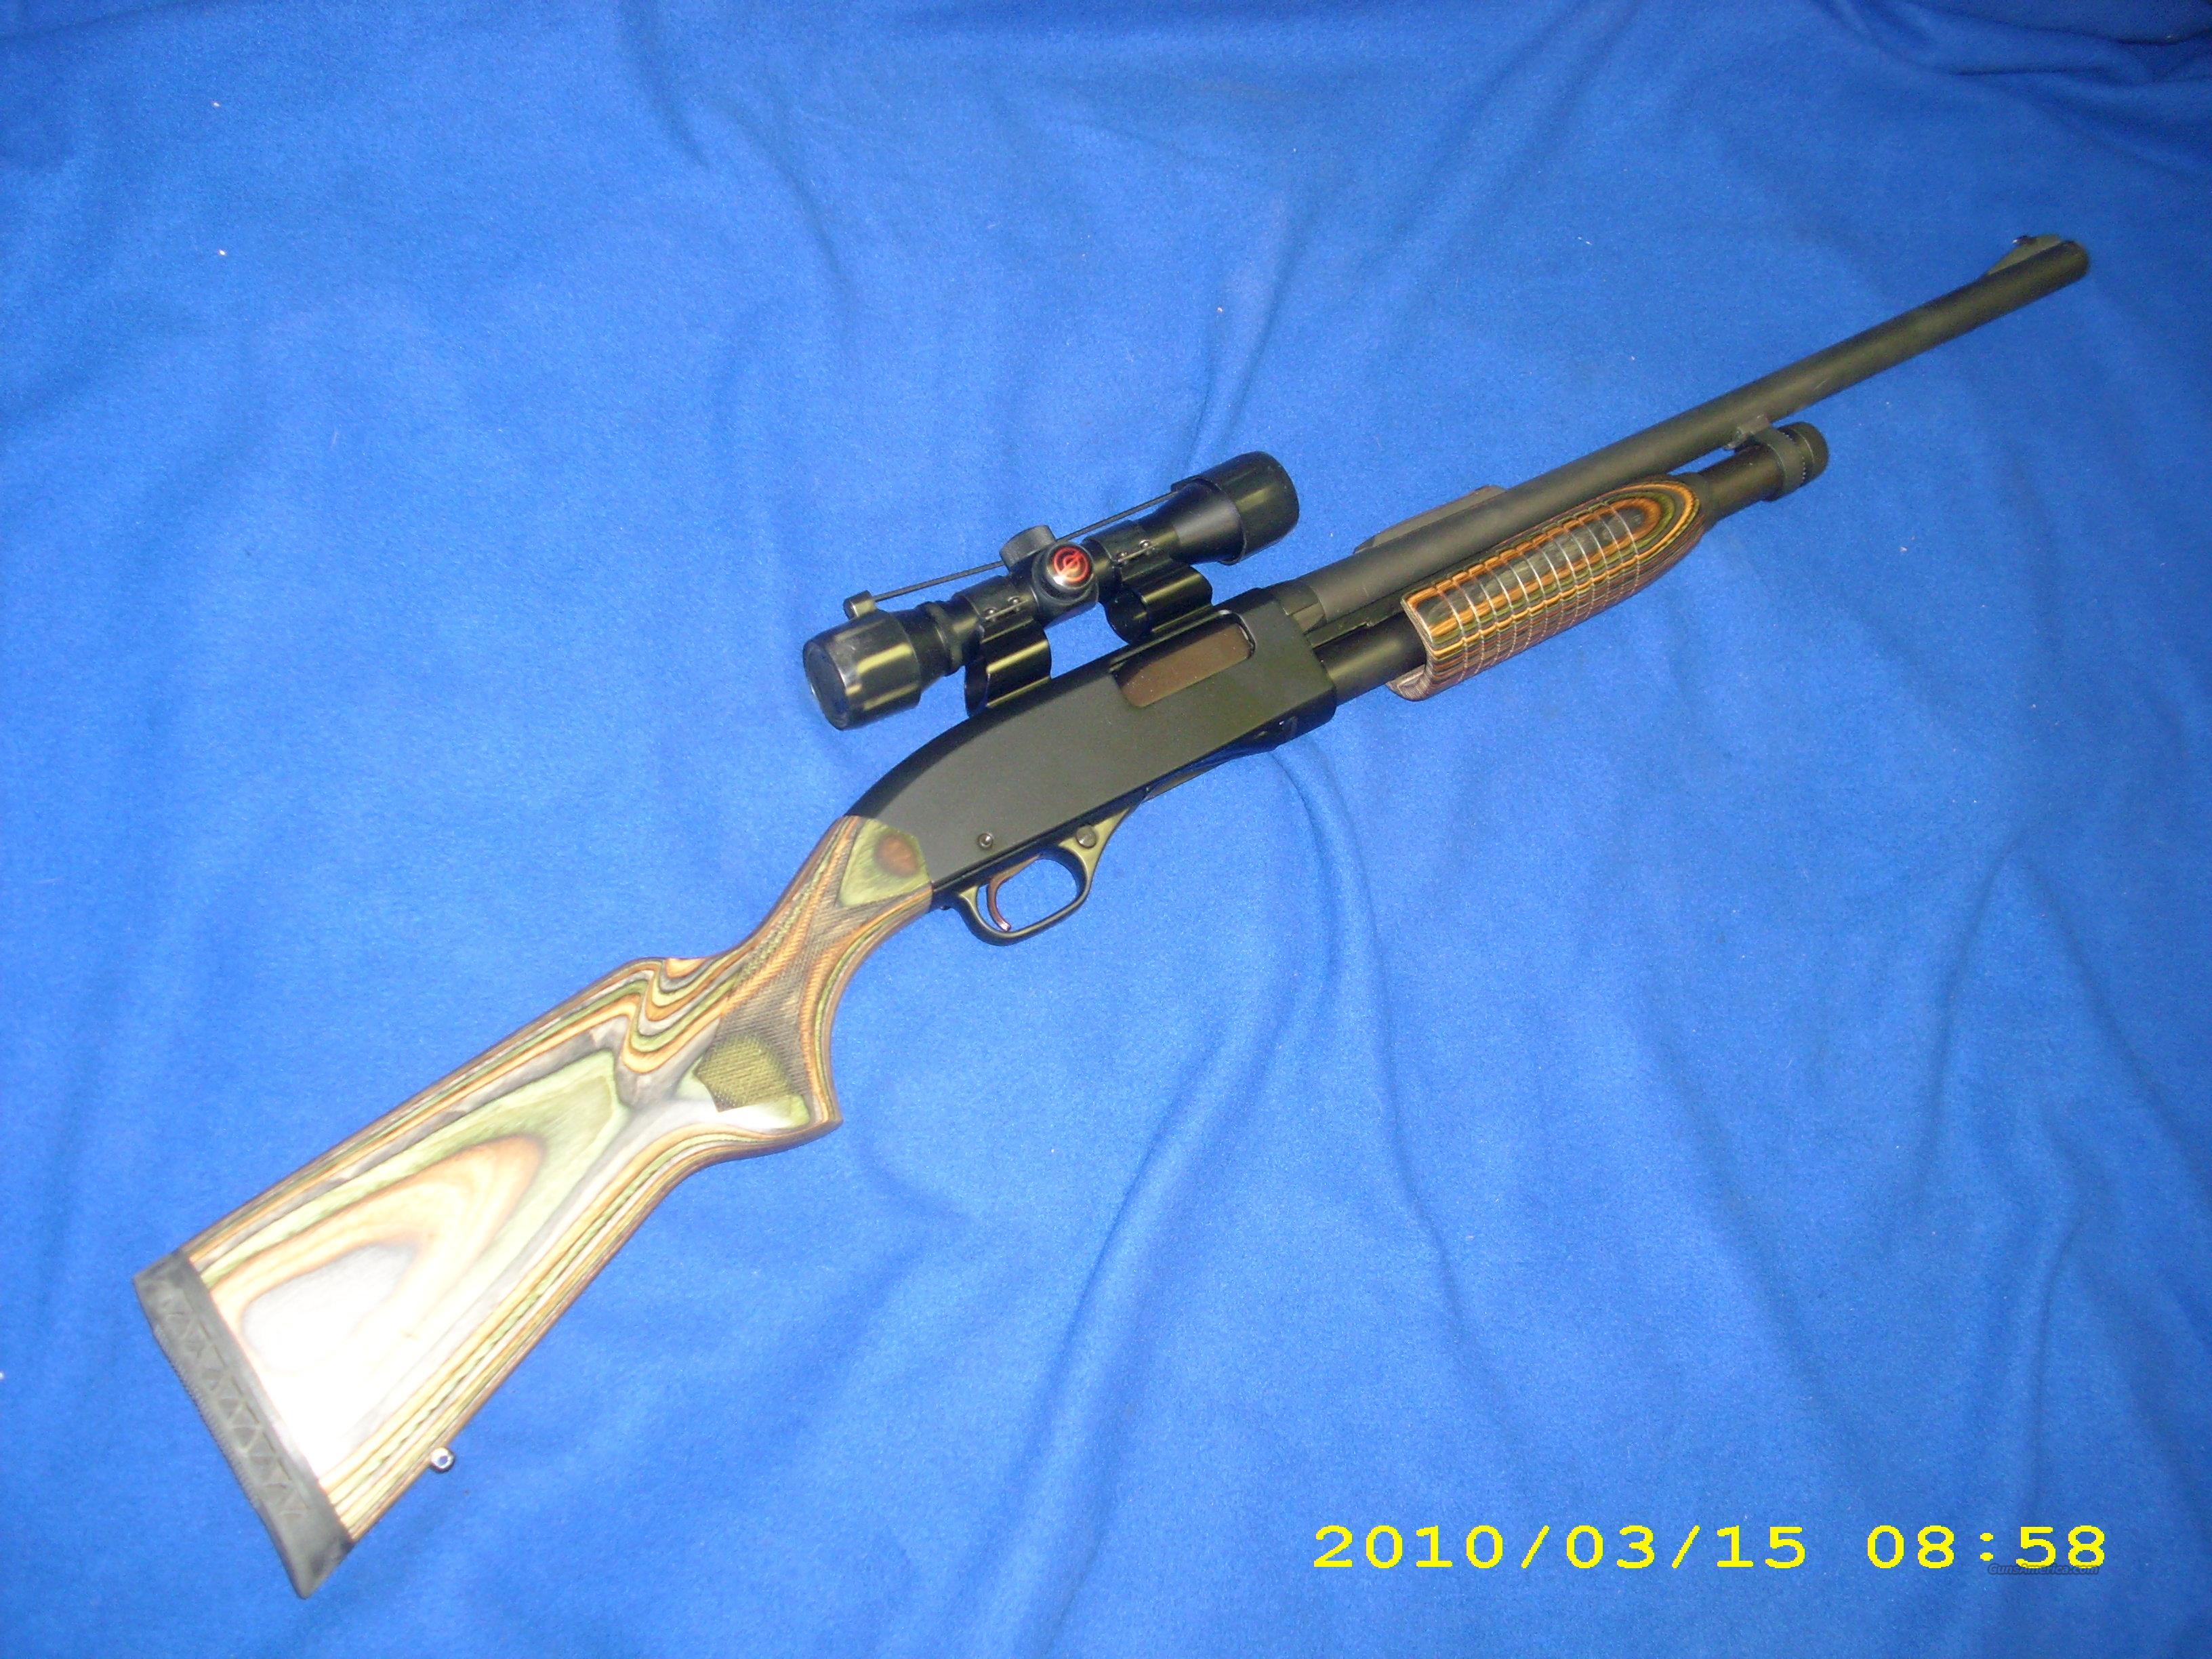 Winchester 1300 12ga Slug gun for sale